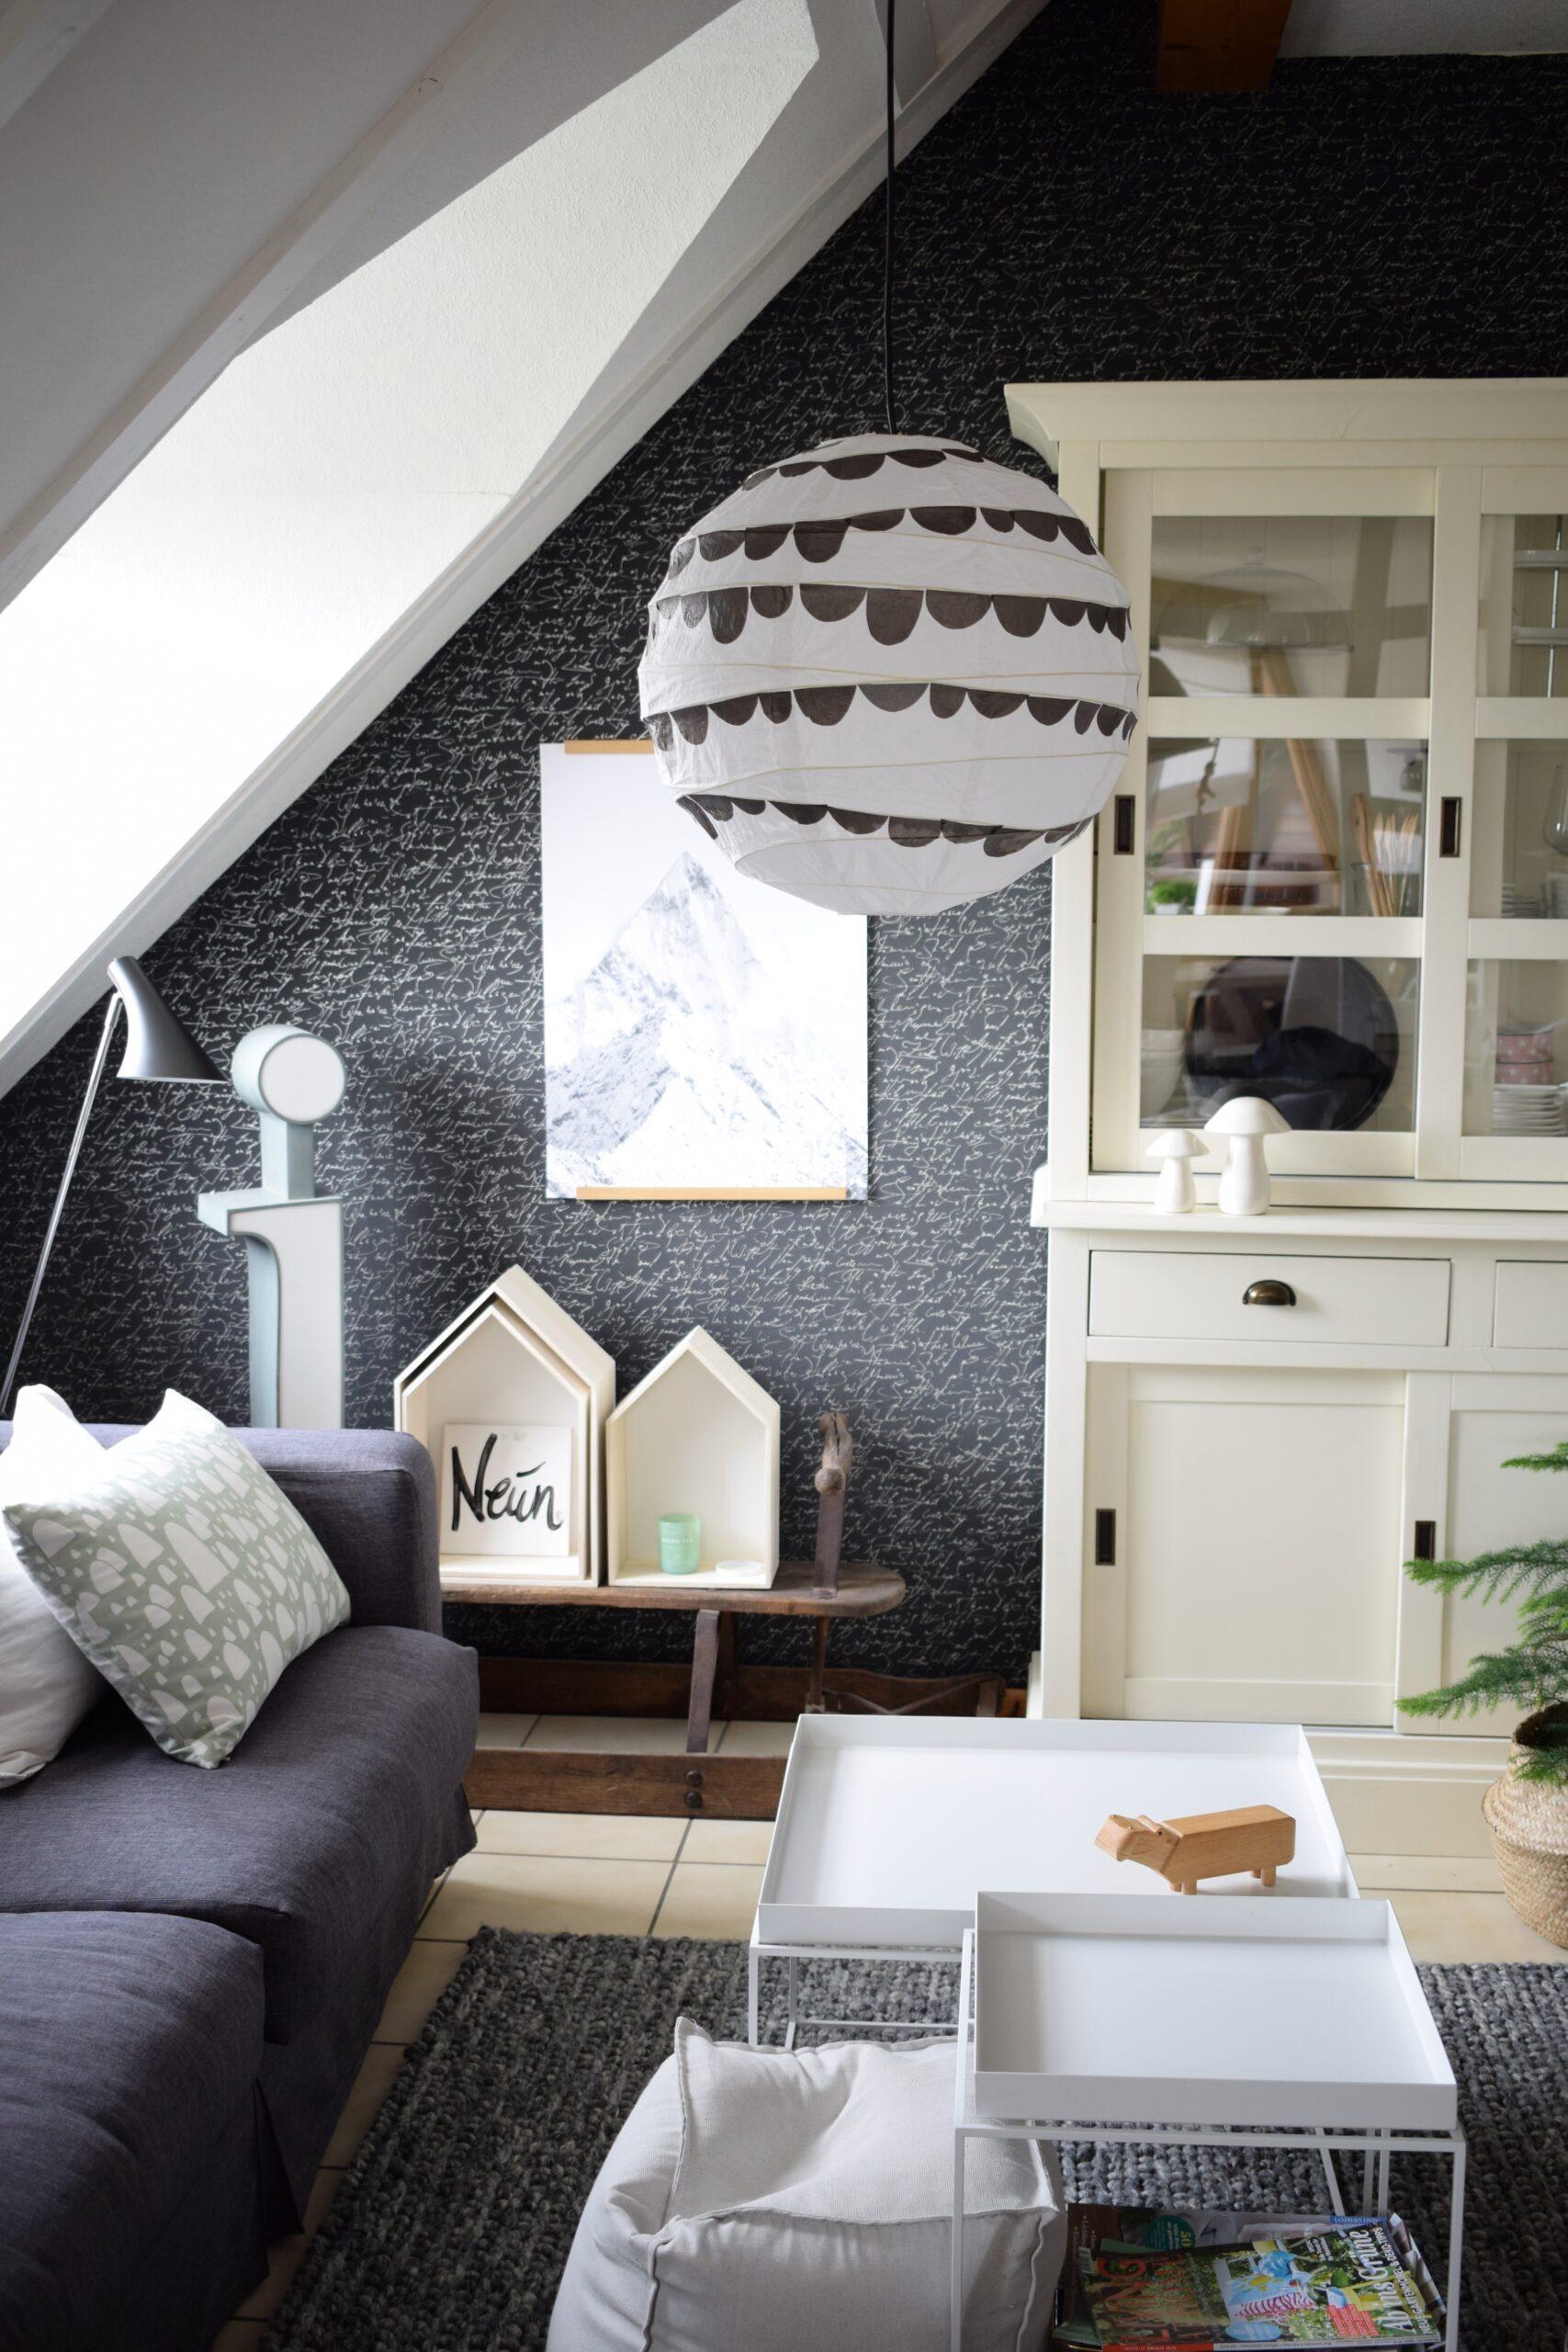 Full Size of Wohnzimmer Lampe Ikea Stehend Lampen Decke Leuchten Von Diy Eine Neue Frs Kinderzimmer Schwarz Auf Wei Spiegellampe Bad Küche Wandbilder Indirekte Beleuchtung Wohnzimmer Wohnzimmer Lampe Ikea